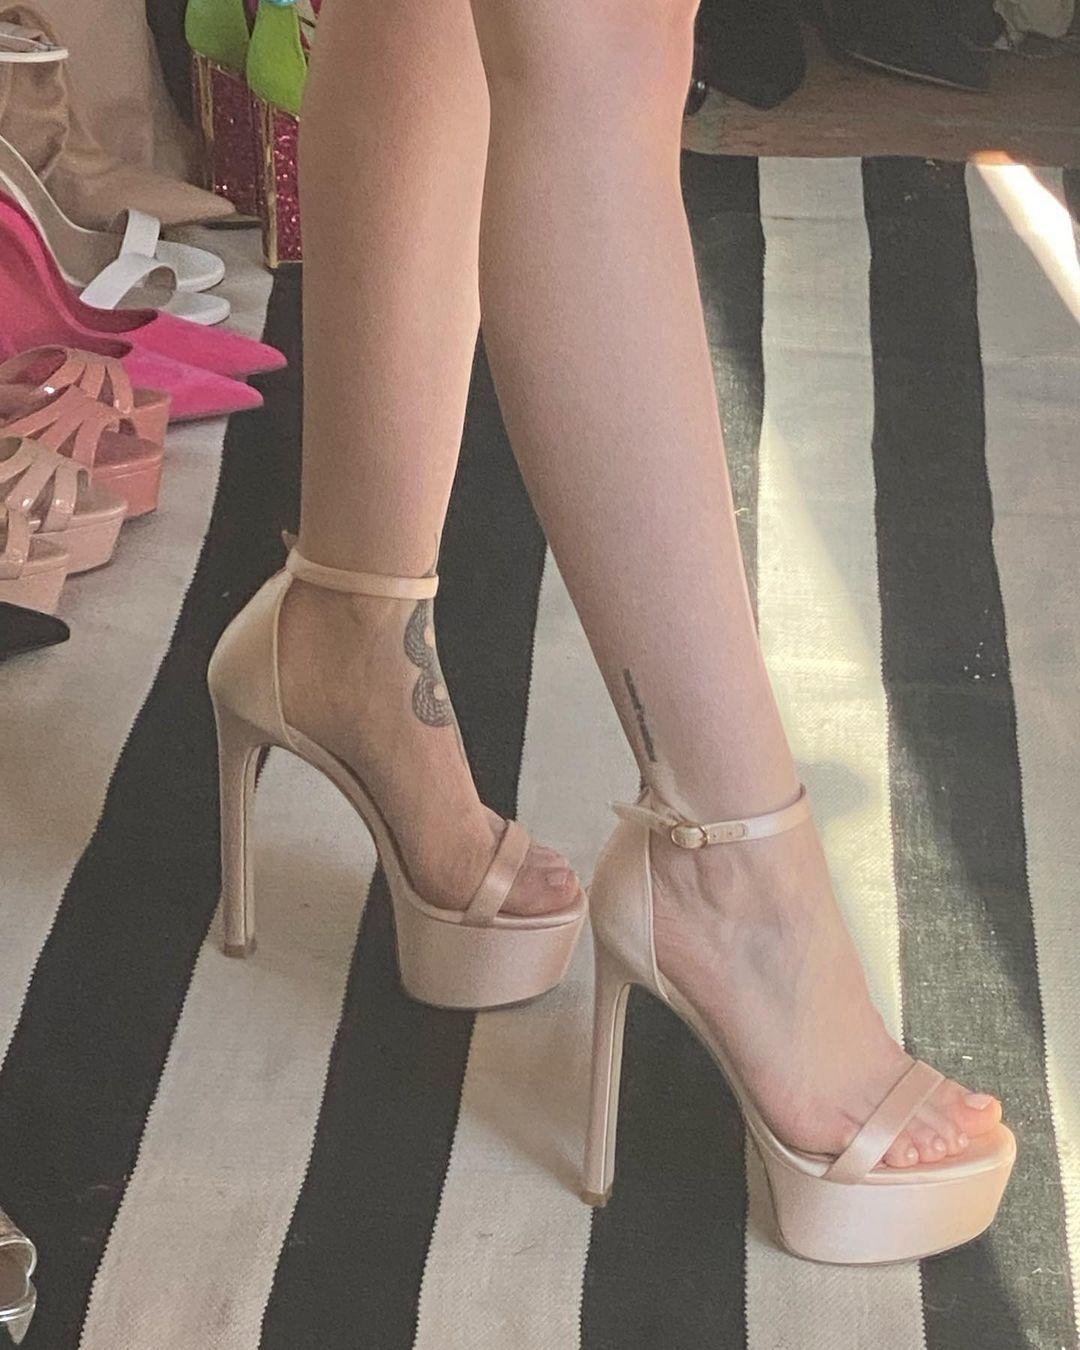 Dove cameron feet